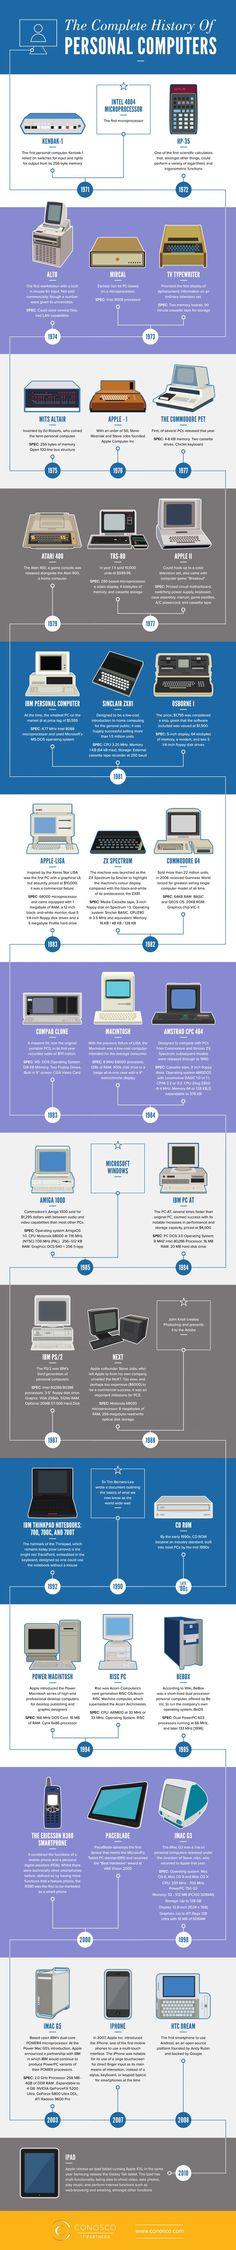 Histoire des ordinateurs personnels